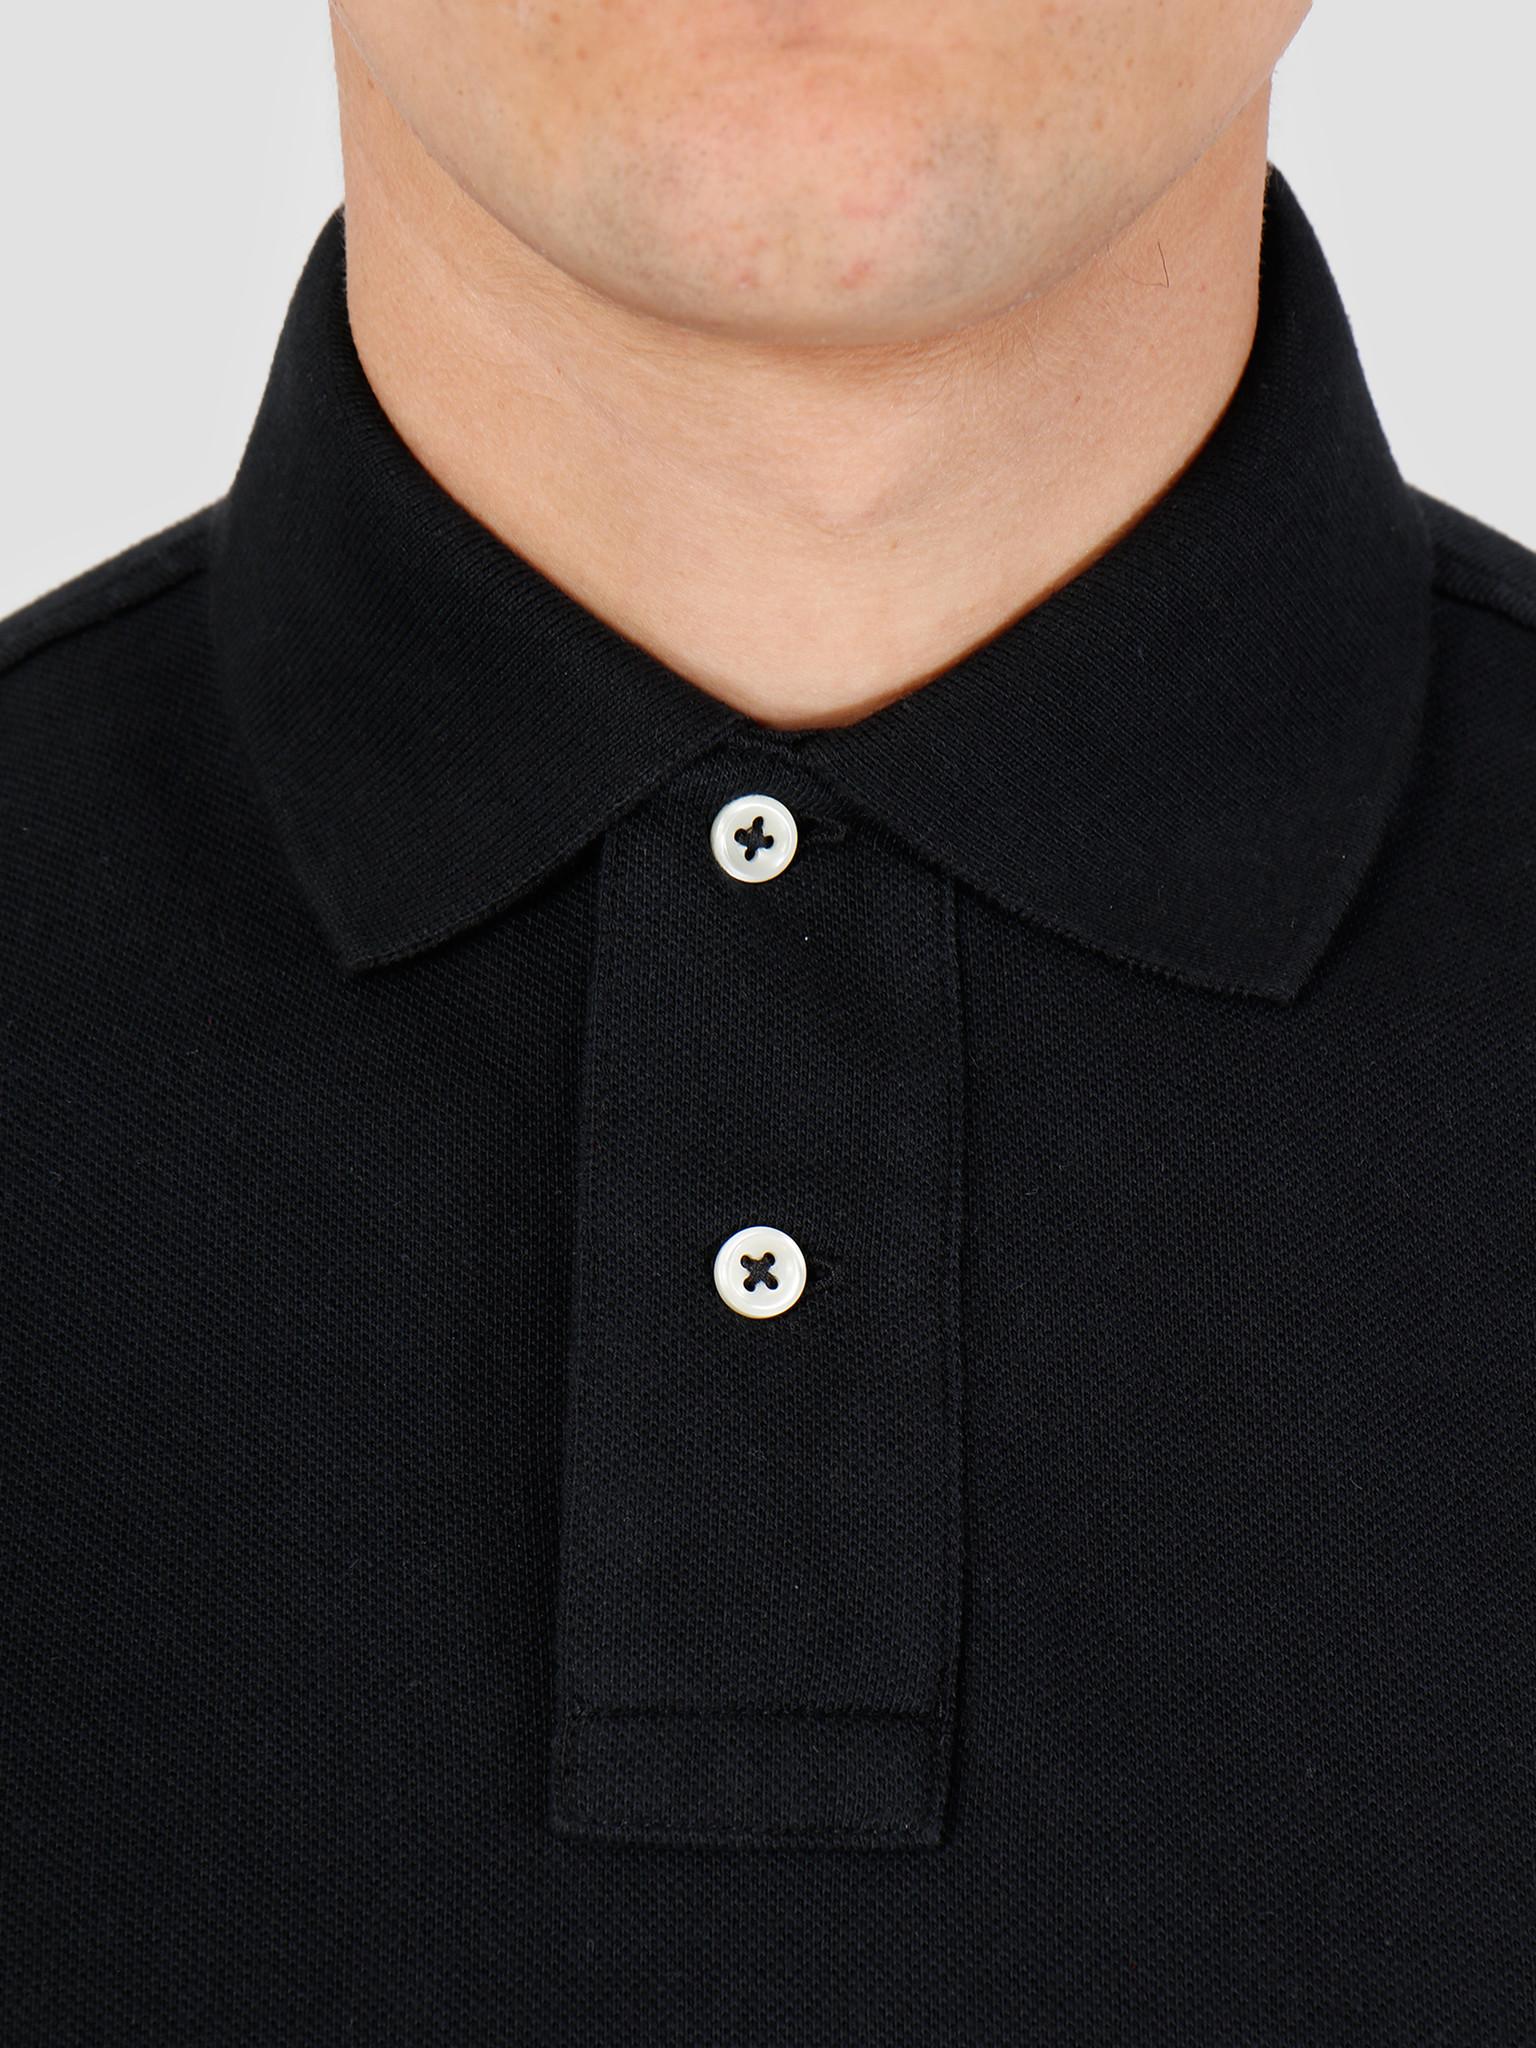 Polo Ralph Lauren Polo Ralph Lauren Classic Polo Polo Black 710666998004